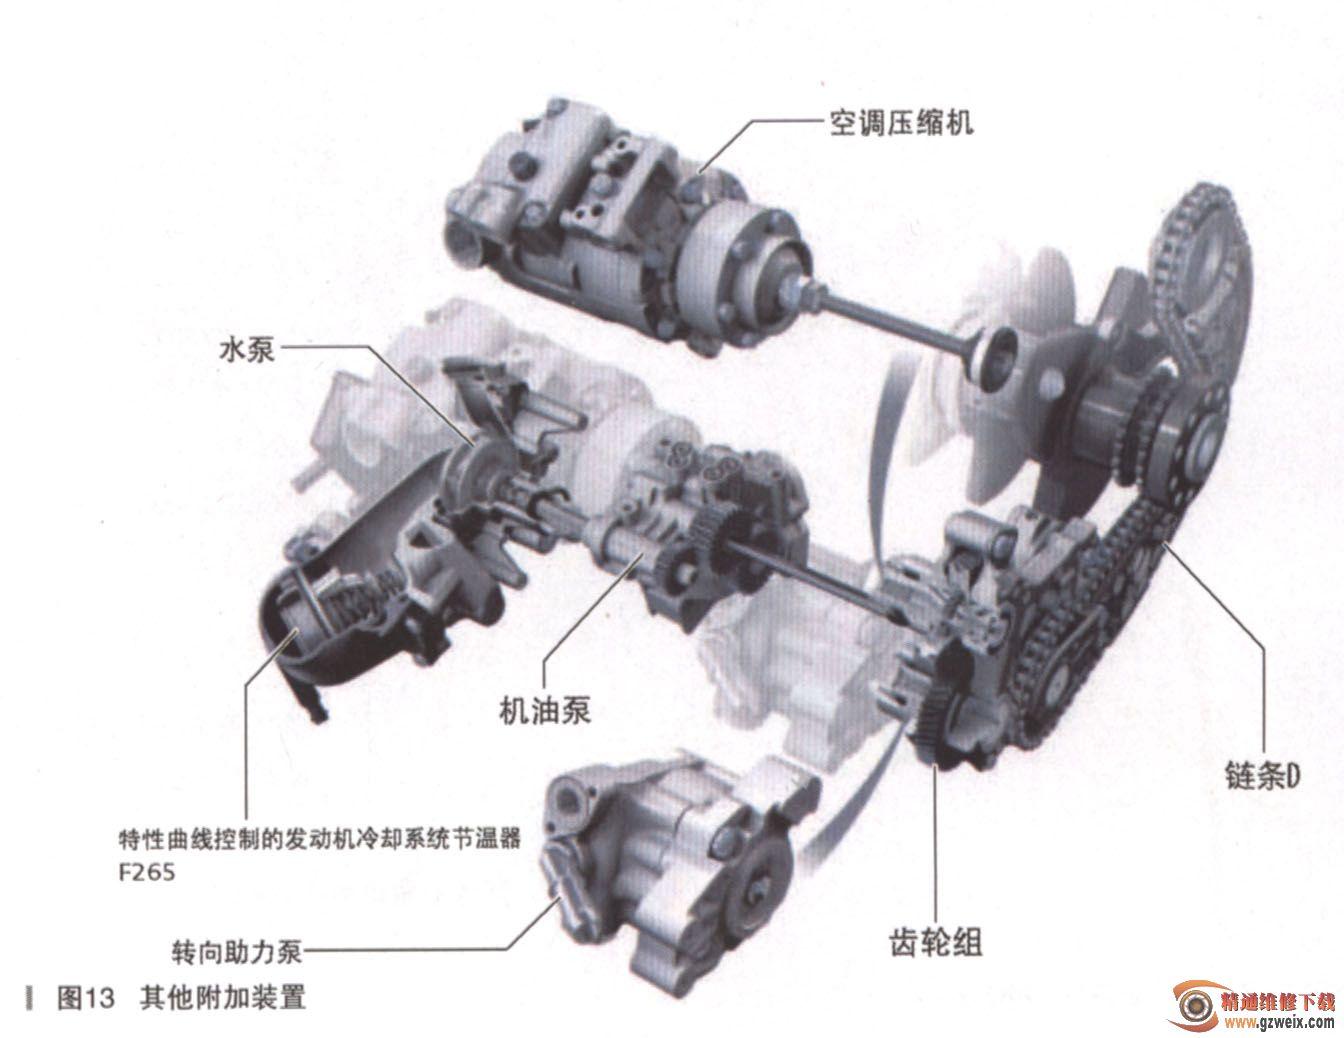 招聘奥迪4.0T发动机新技术(二)学徒平面设计广告剖析图片